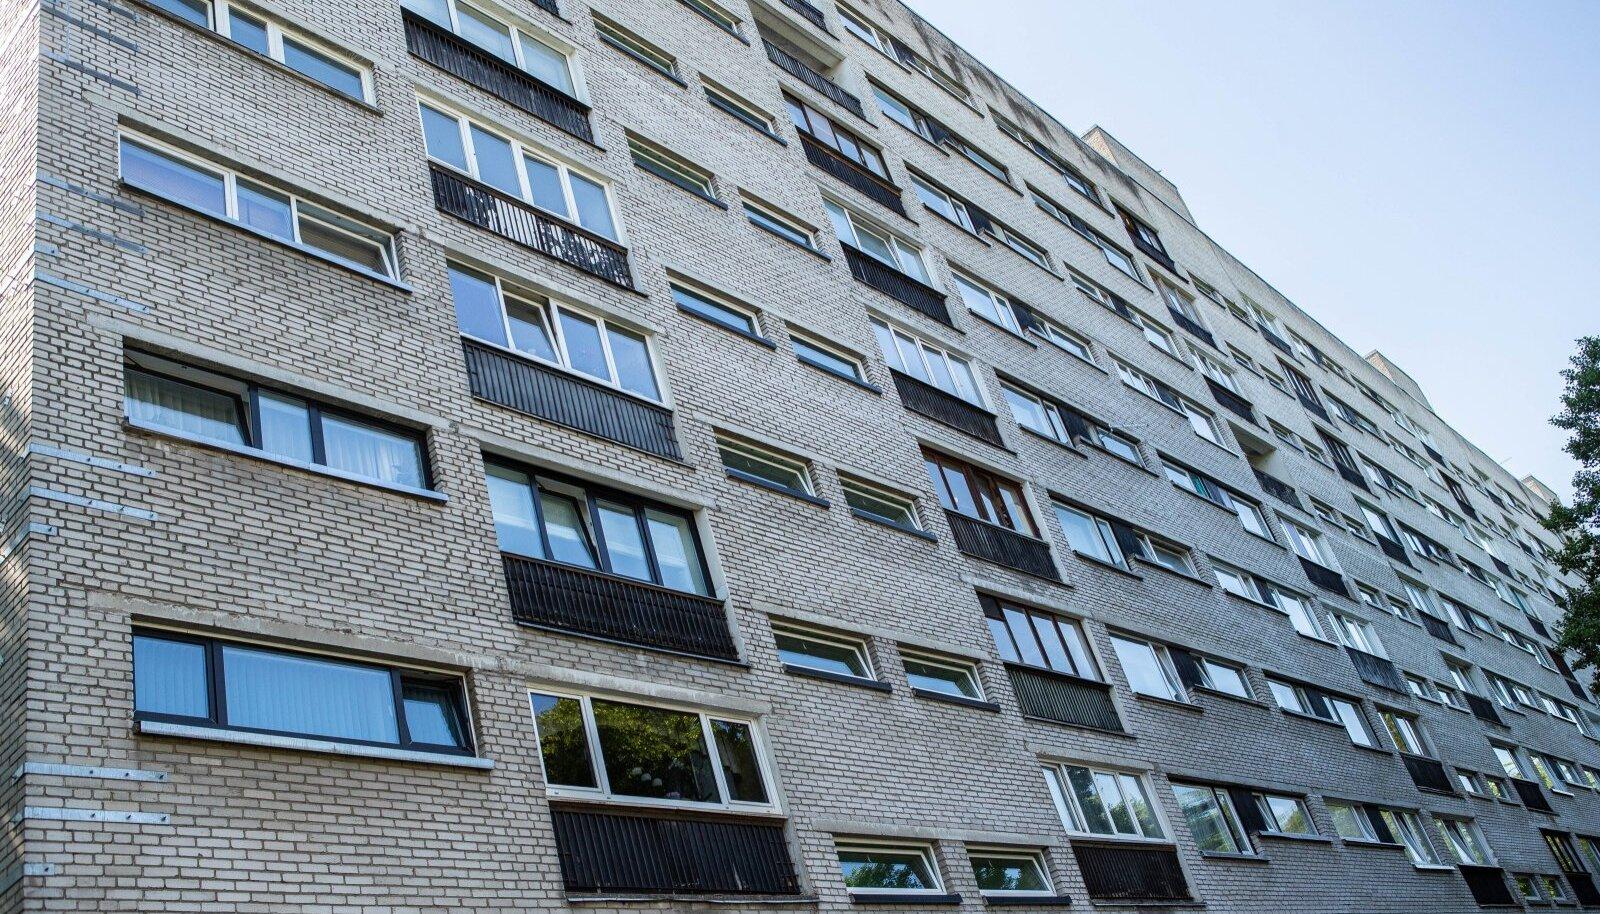 Vanad paneelmajad peavad teadupärast kehvasti sooja, ent peale KredExi meetmete pole elanikel olukorra parandamiseks palju võimalusi.